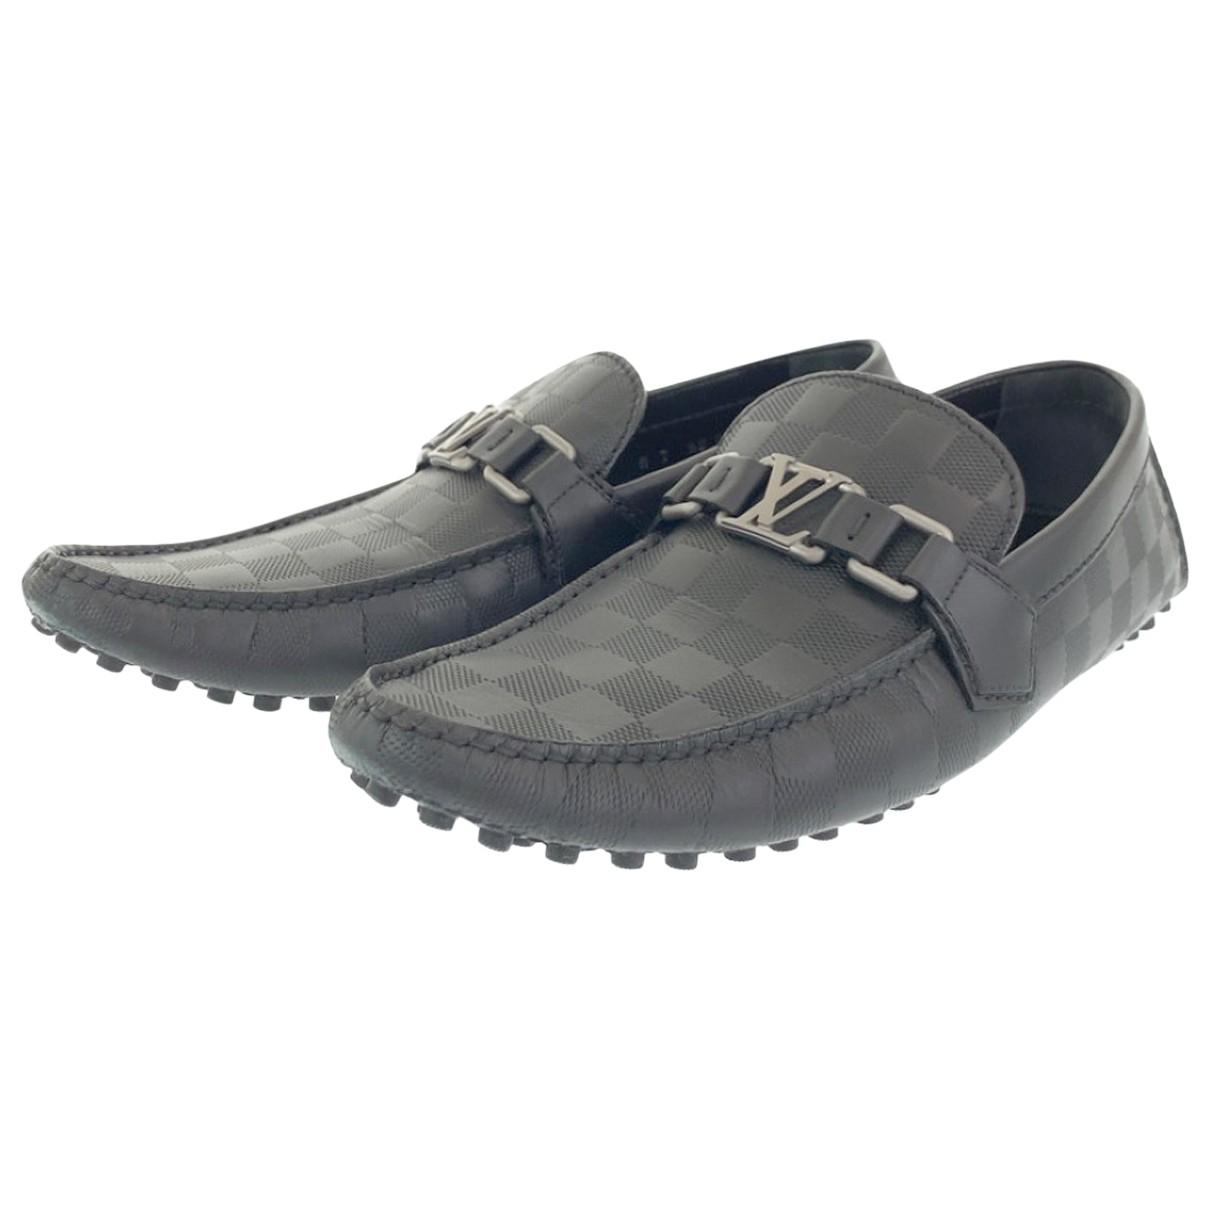 Louis Vuitton N Black Leather Flats for Men 7 US